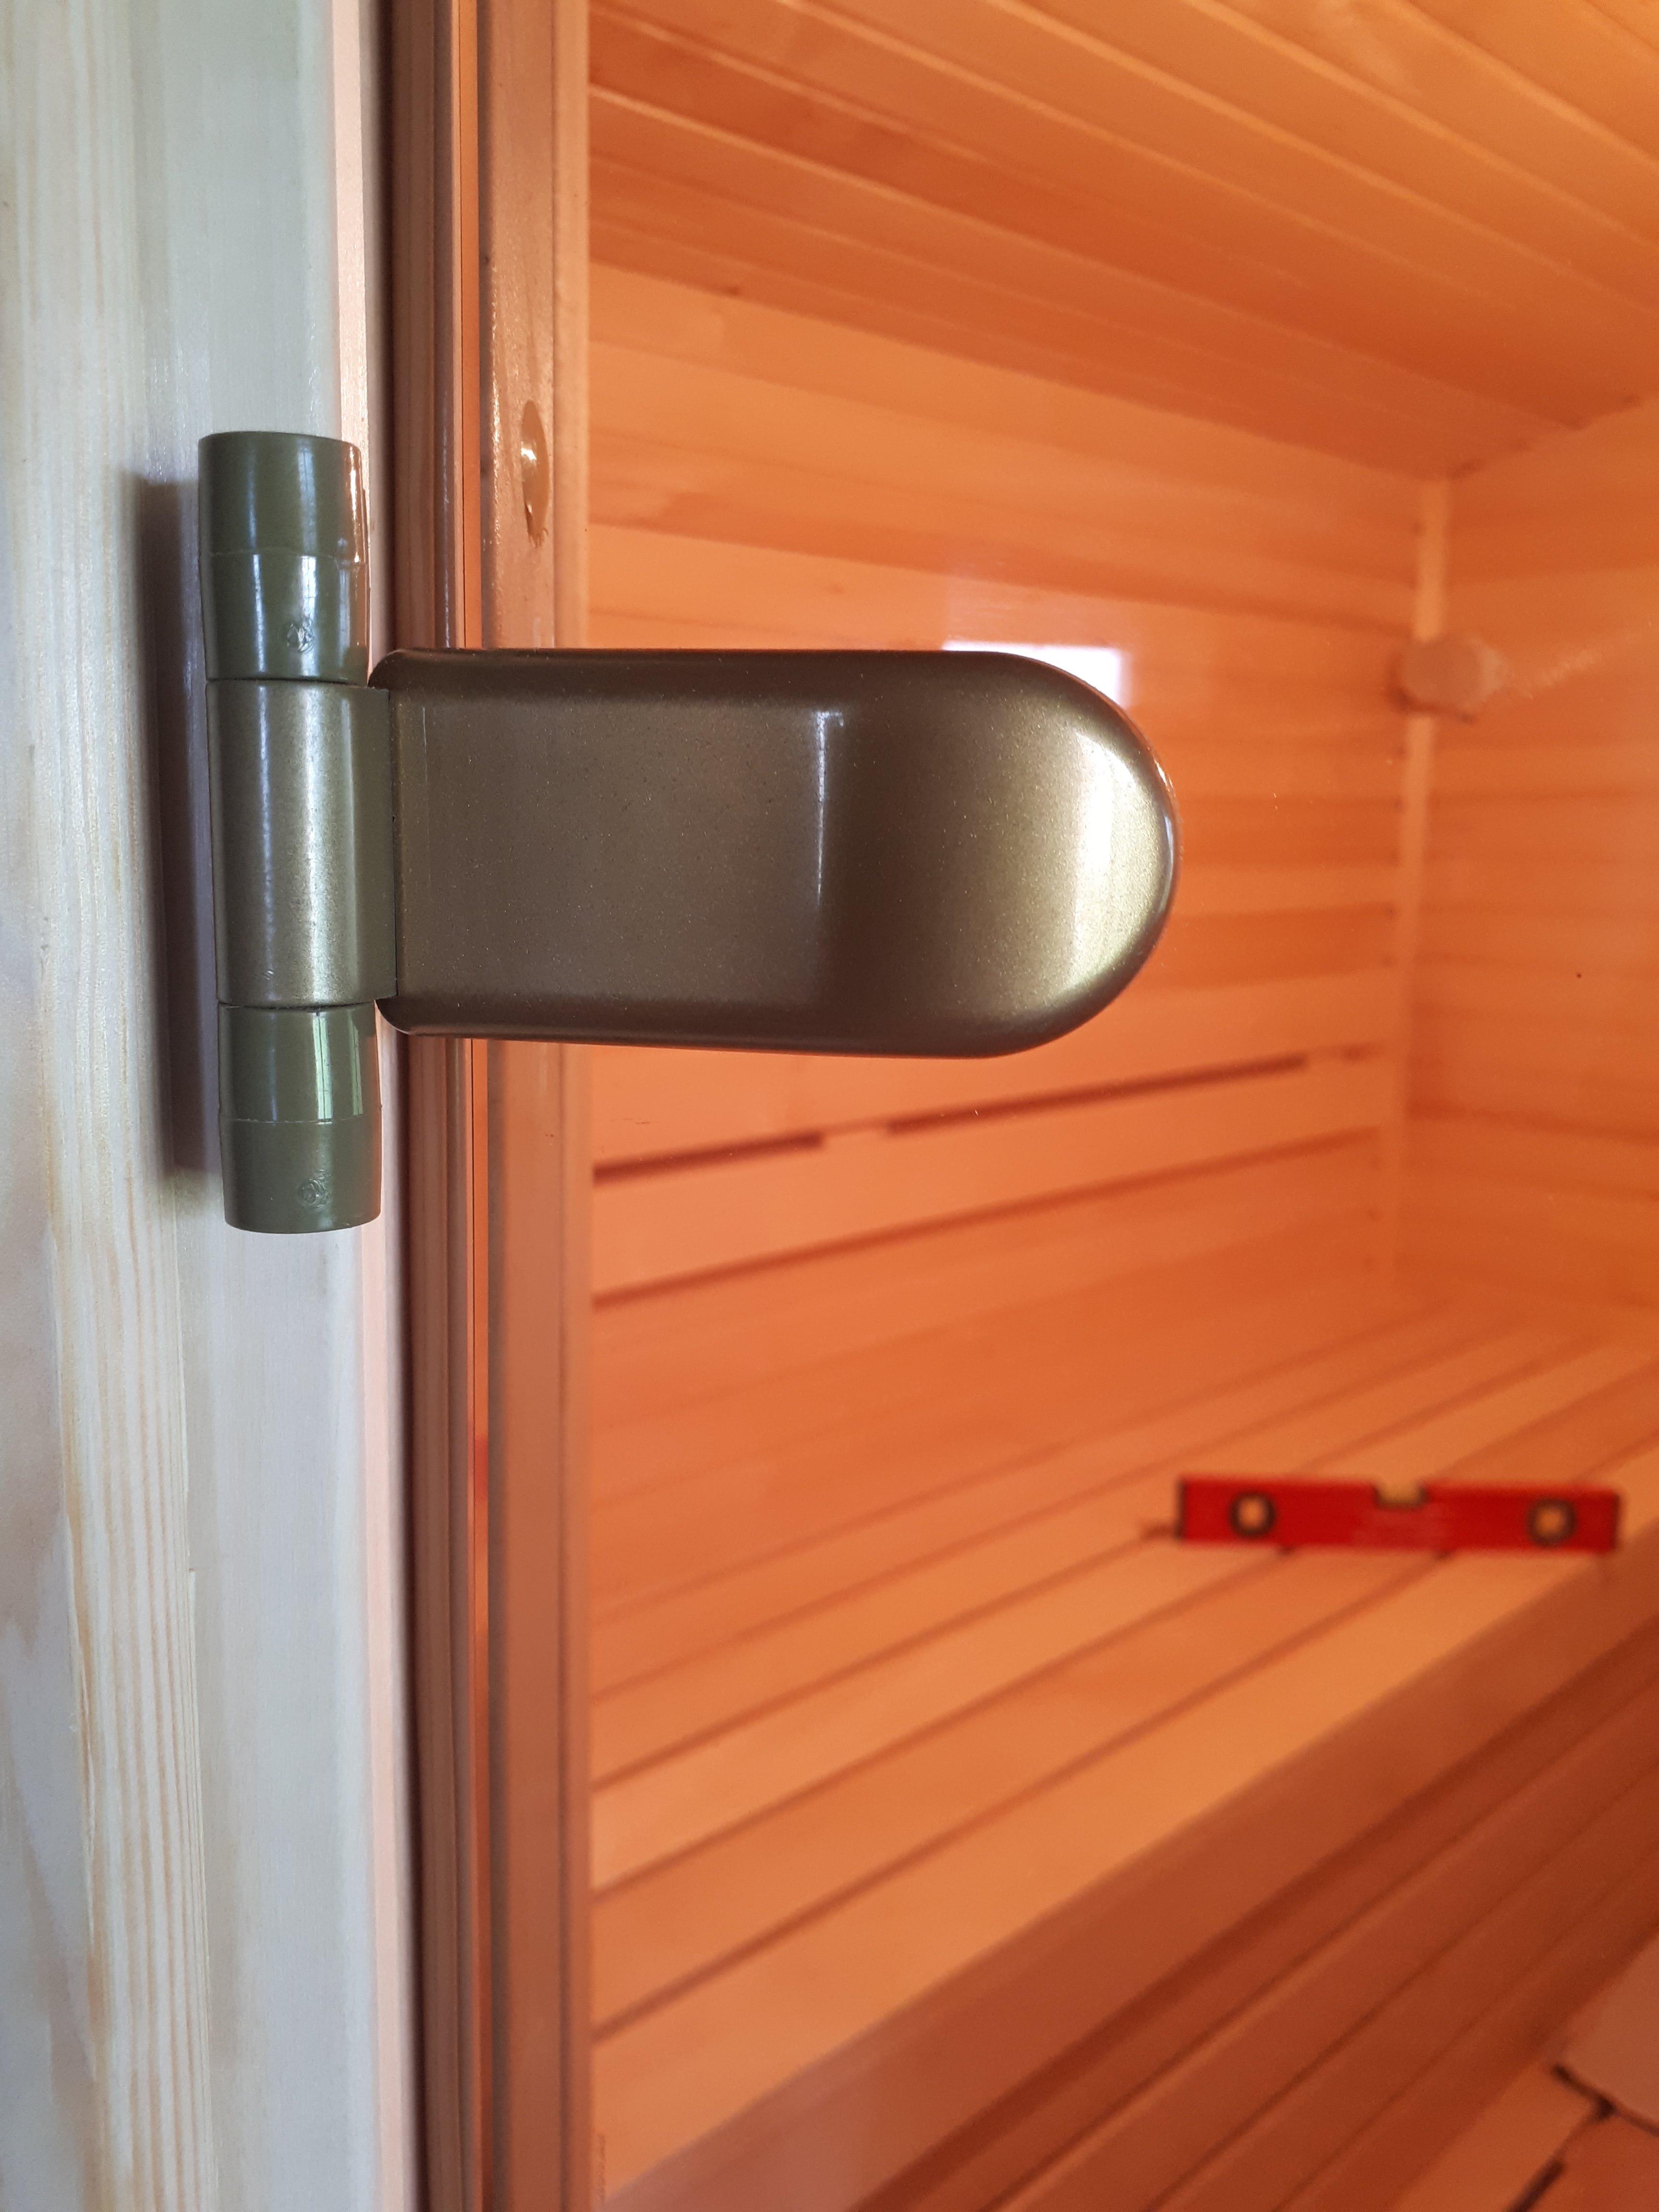 Виды стеклянных дверей для сауны, их размеры, фурнитура, дизайн и способы монтажа